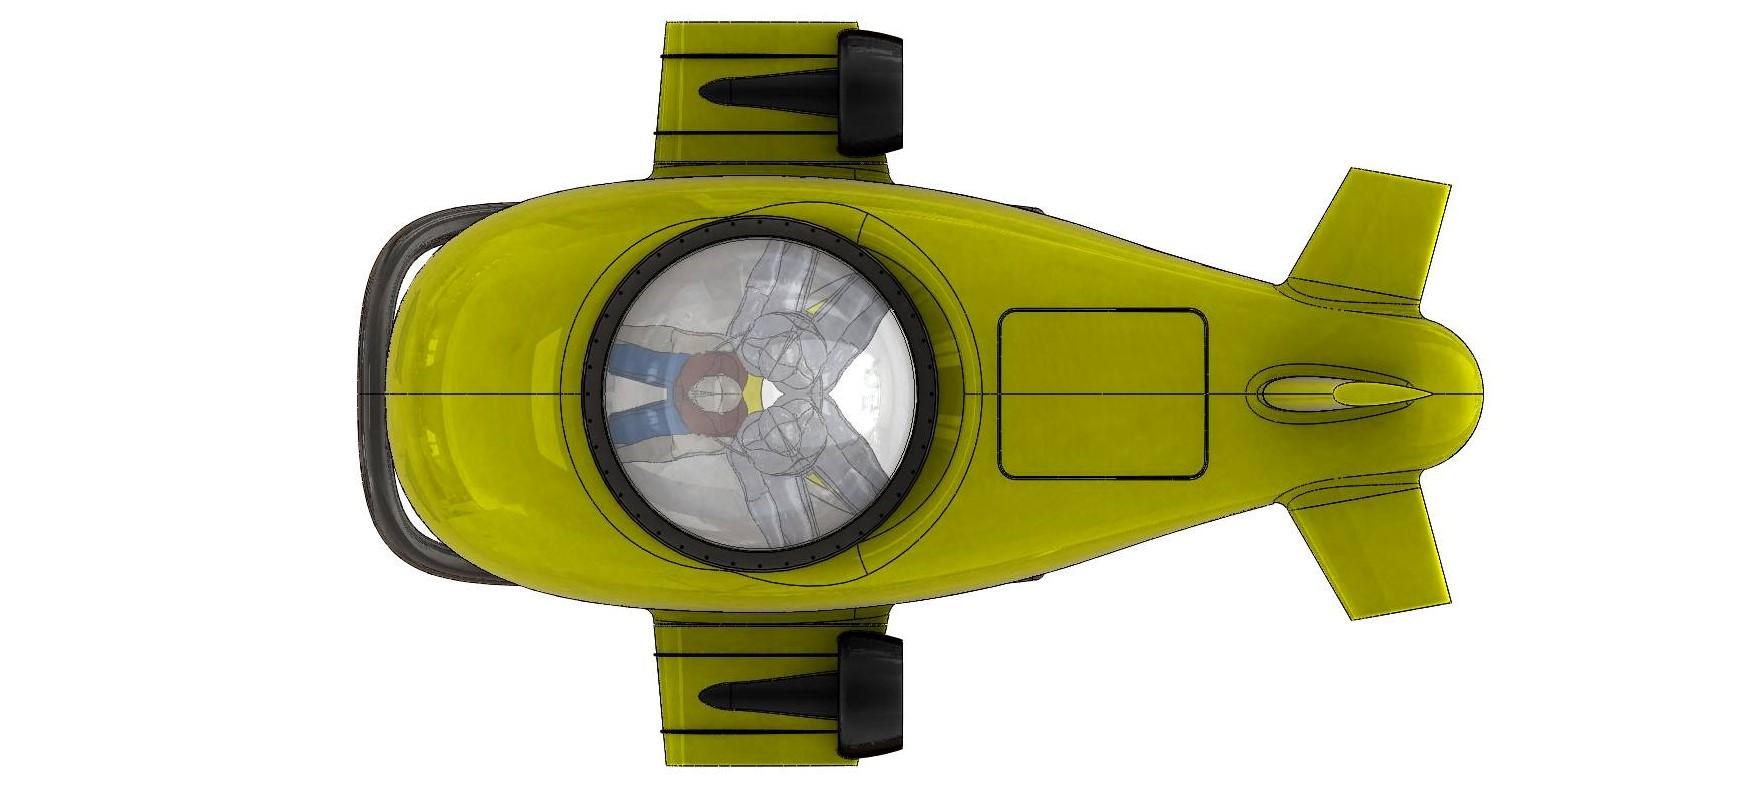 Wet Sub 3 Pax